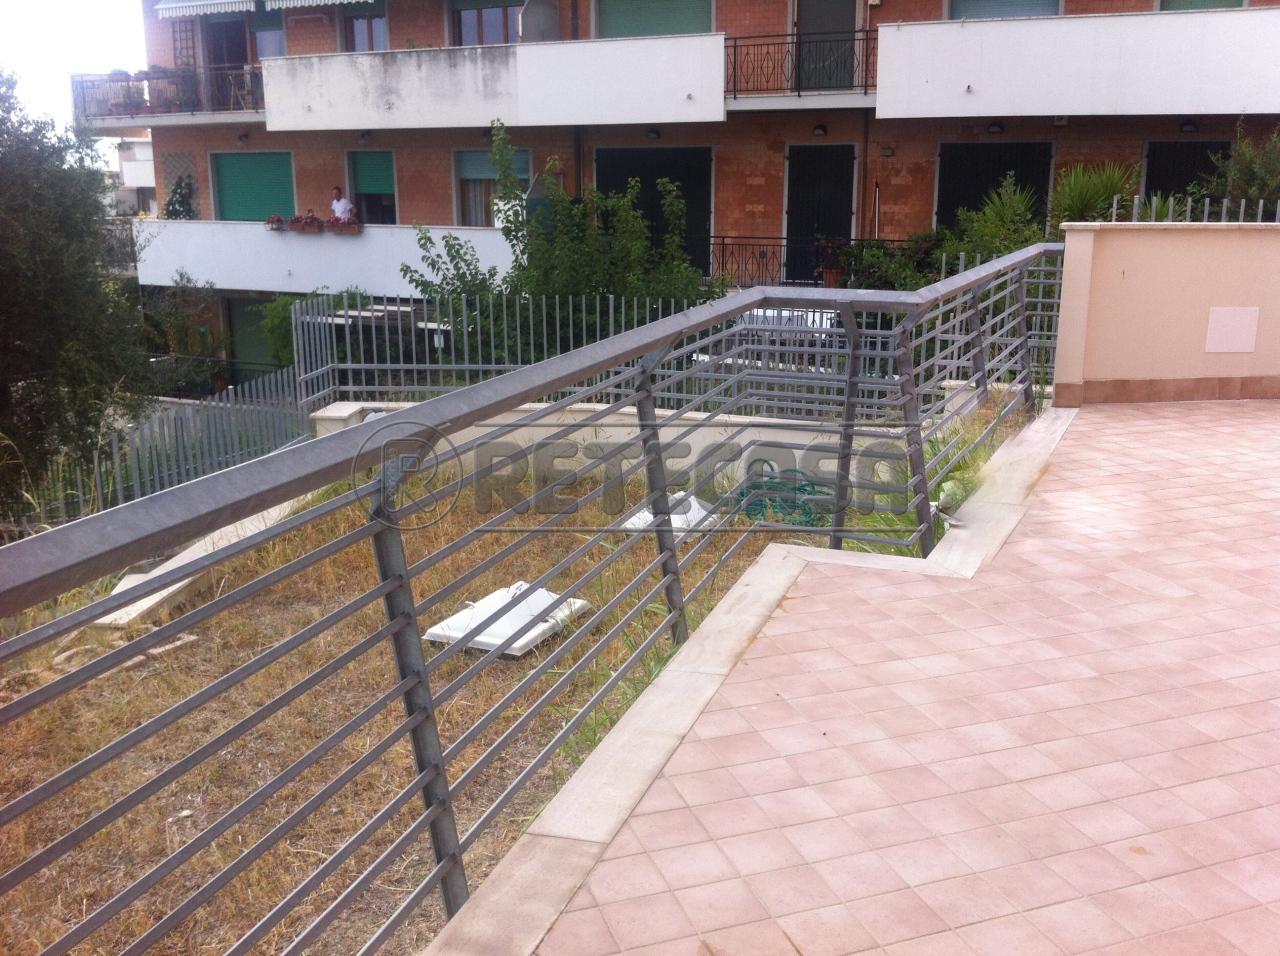 Attico / Mansarda in affitto a Ancona, 4 locali, prezzo € 770 | Cambio Casa.it